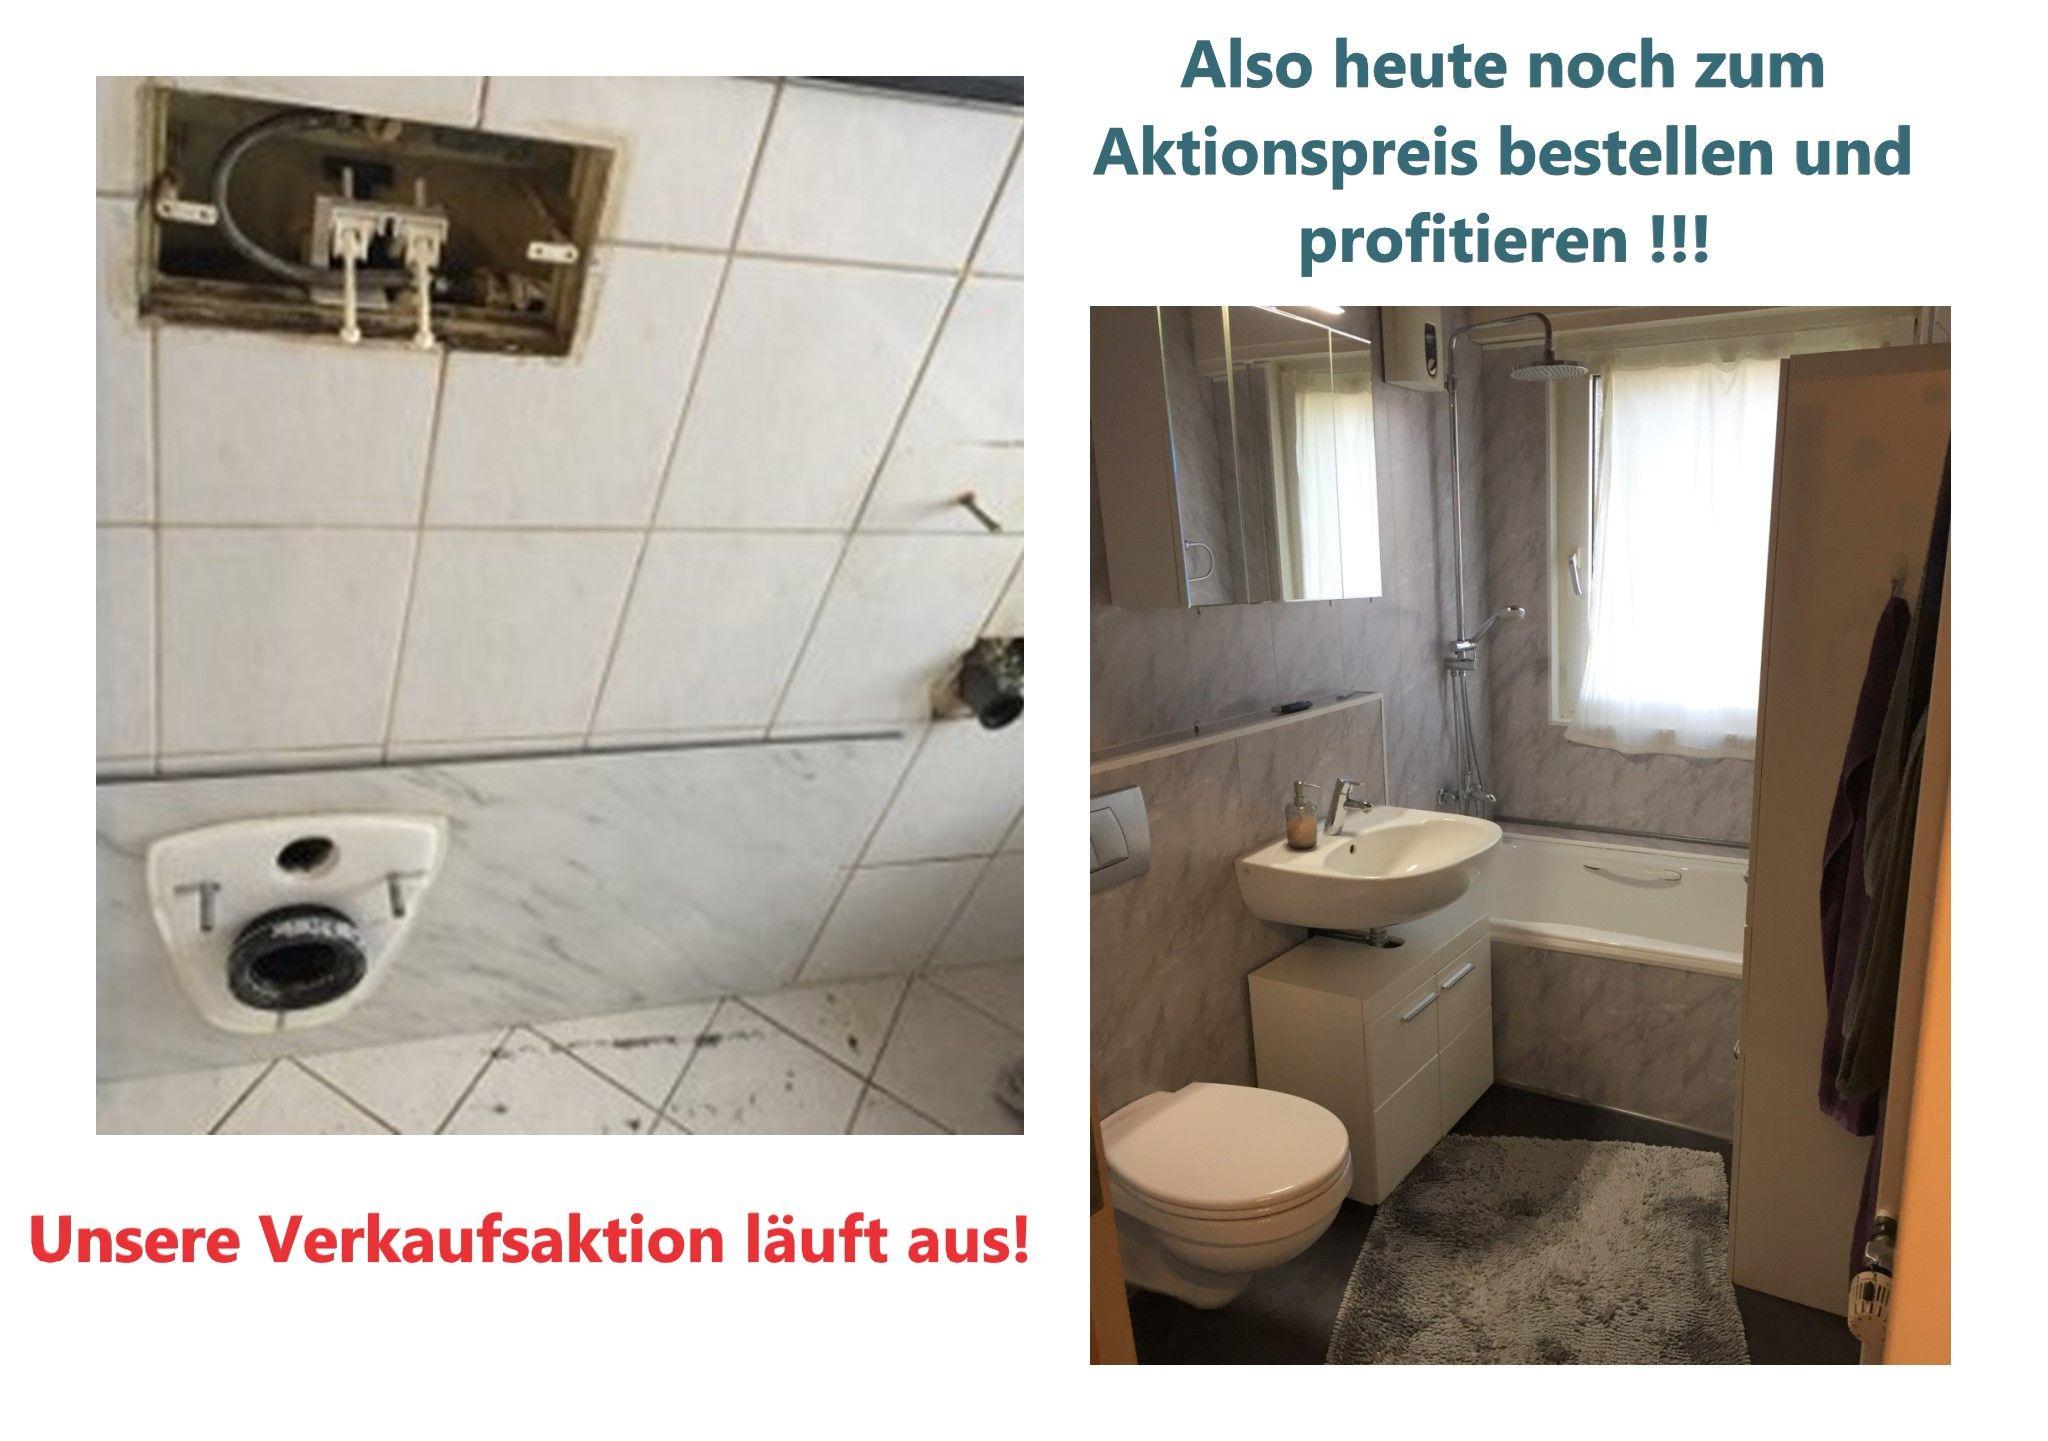 Badmodernisierung In 2 Tagen Ideal Fur Alle Die Keine Ausweichmoglichkeit Haben Weil Toilette Und Waschbecken Schne In 2020 Mit Bildern Moderne Fliesen Wandpaneele Mietwohnungen